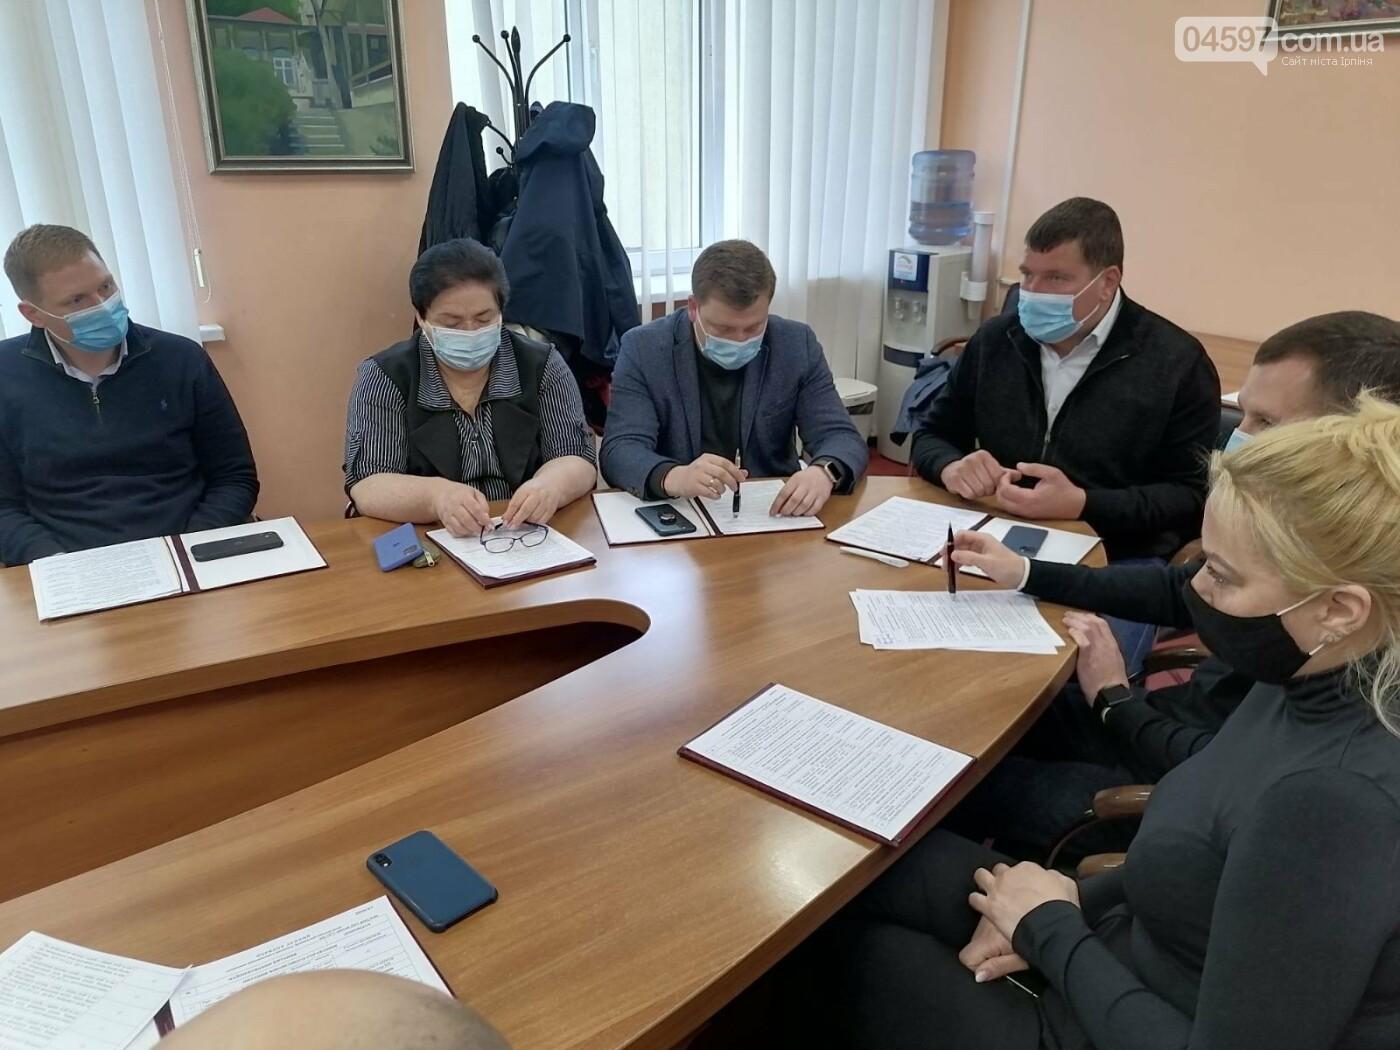 В Ірпені садочок на Київській відкриють у квітні 2022 року, фото-2